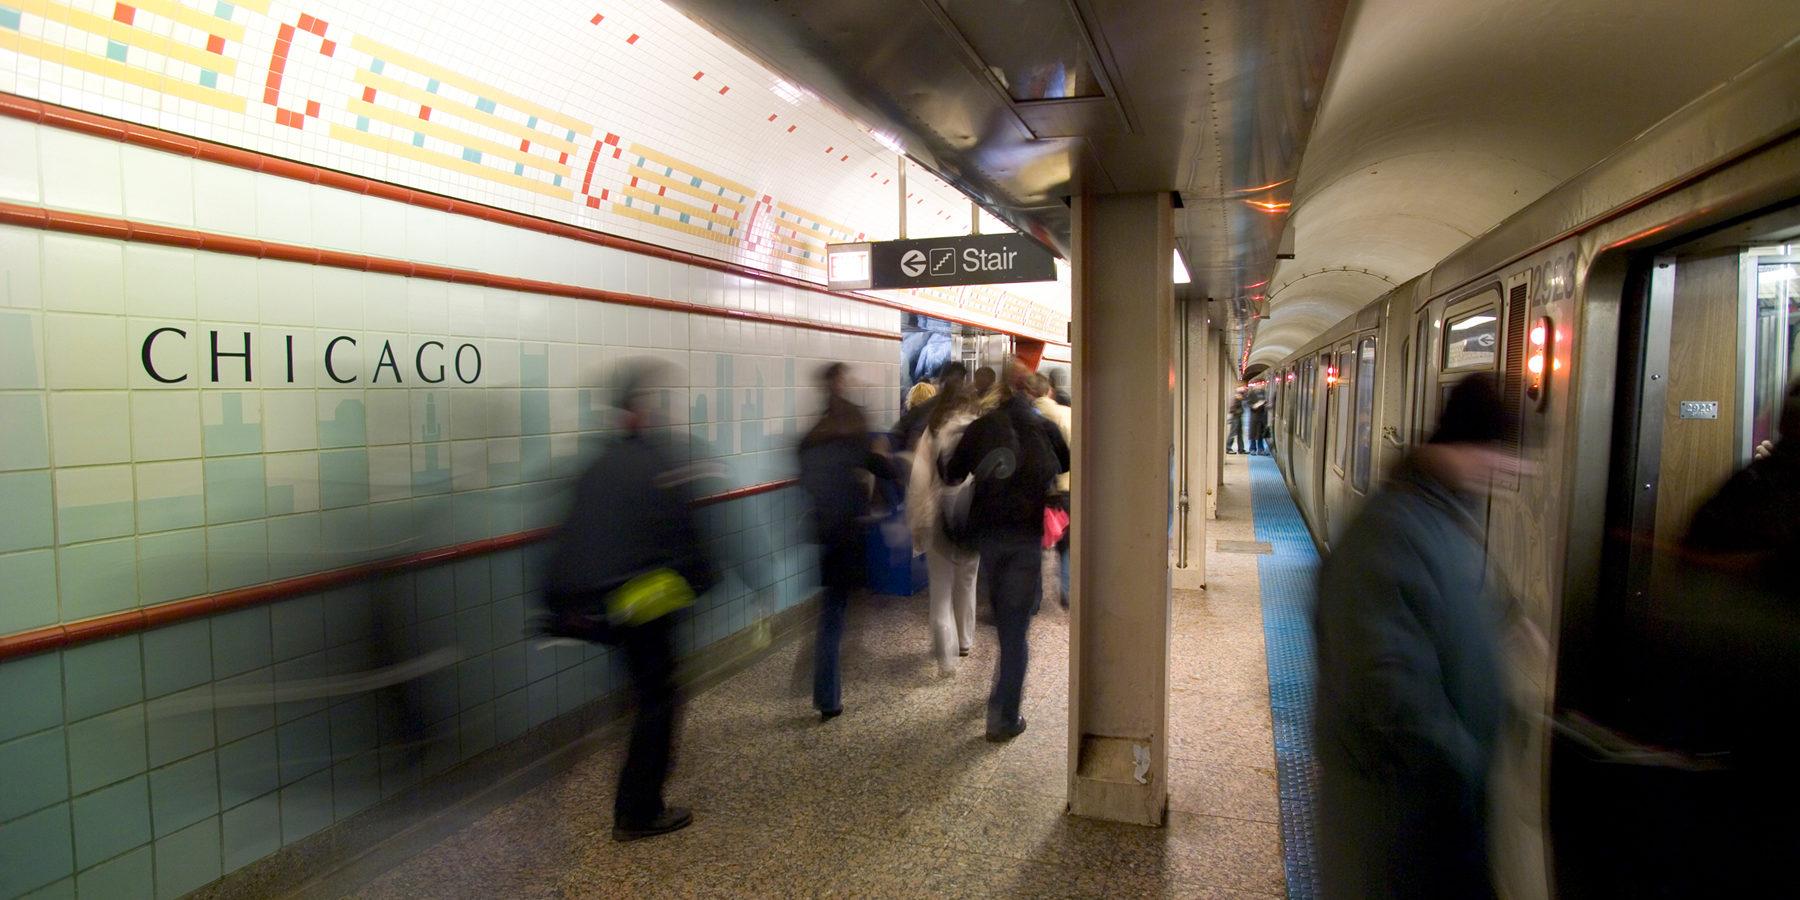 Underground L station